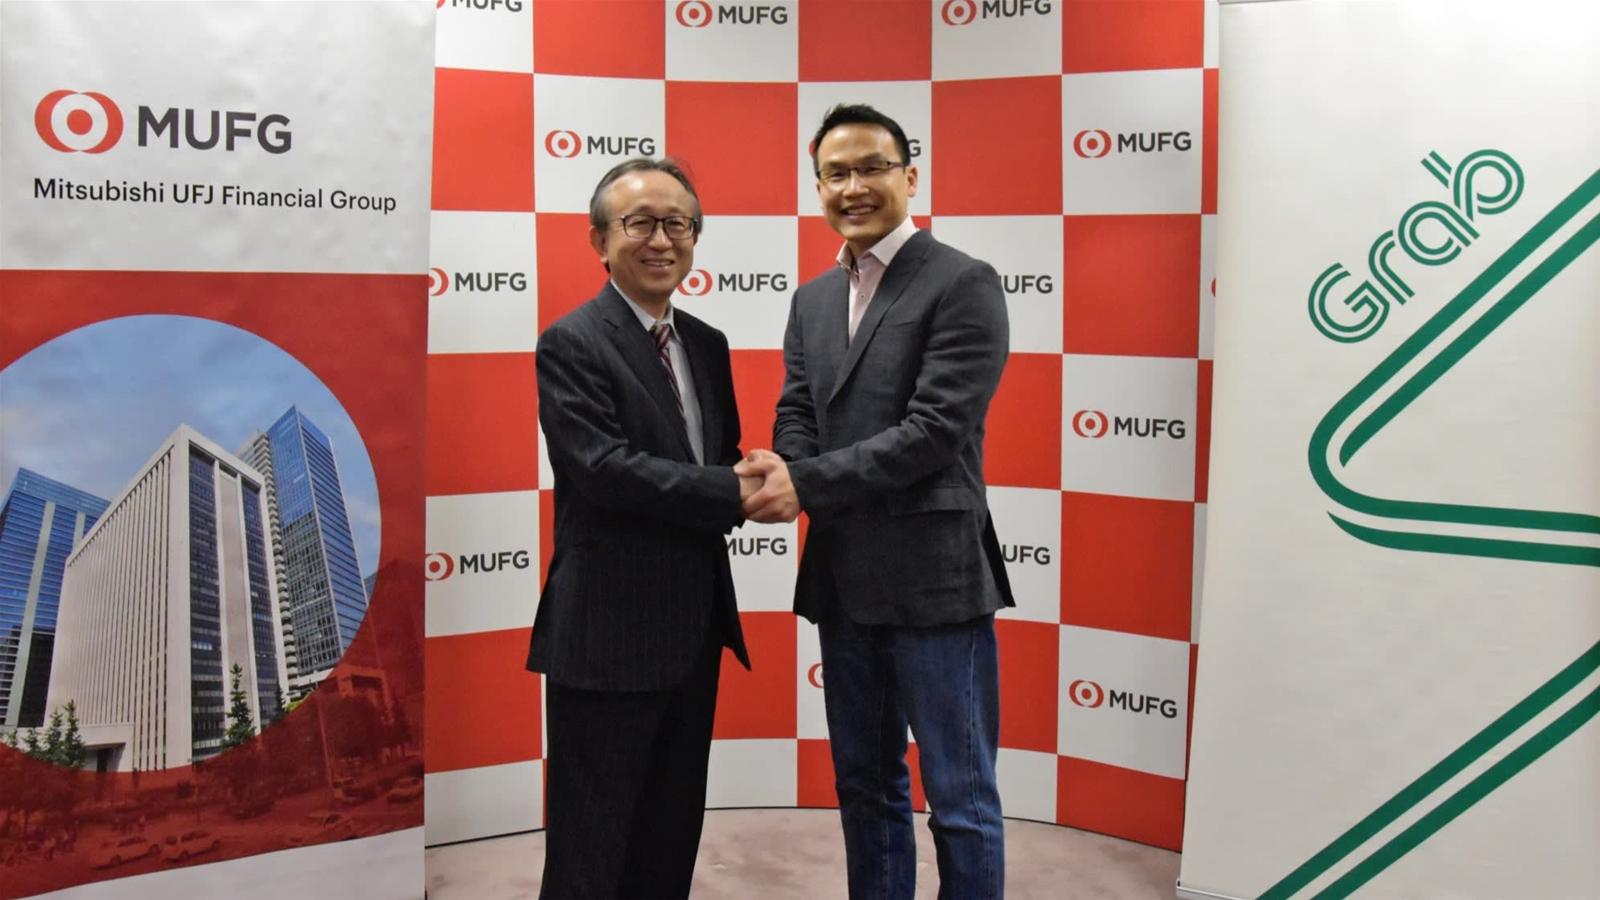 3 điều bất ngờ khiến ngân hàng lớn nhất Nhật Bản đầu tư 80 tỉ vào Grab